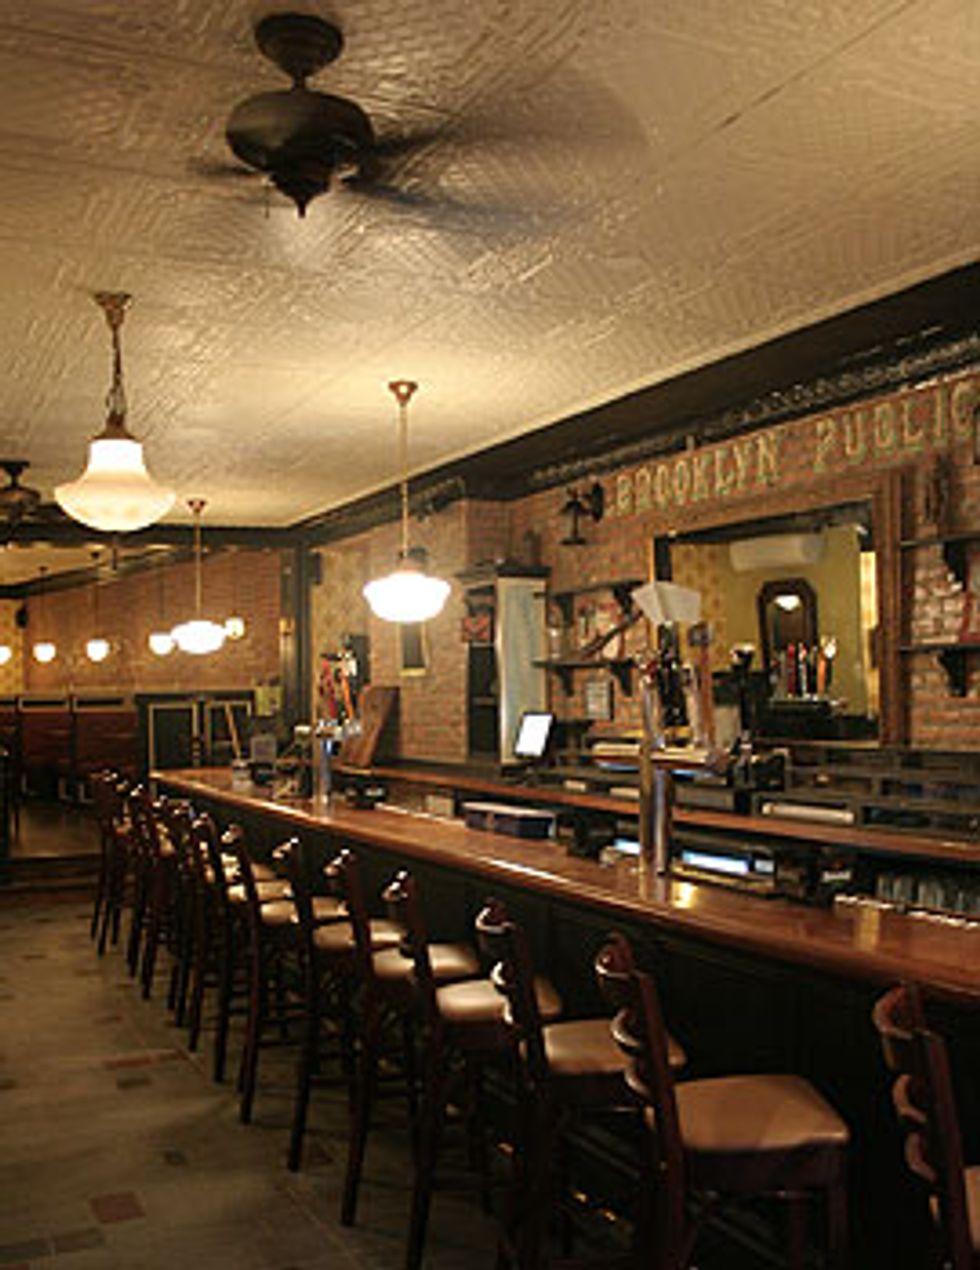 Bar of the Week: Brooklyn Public House